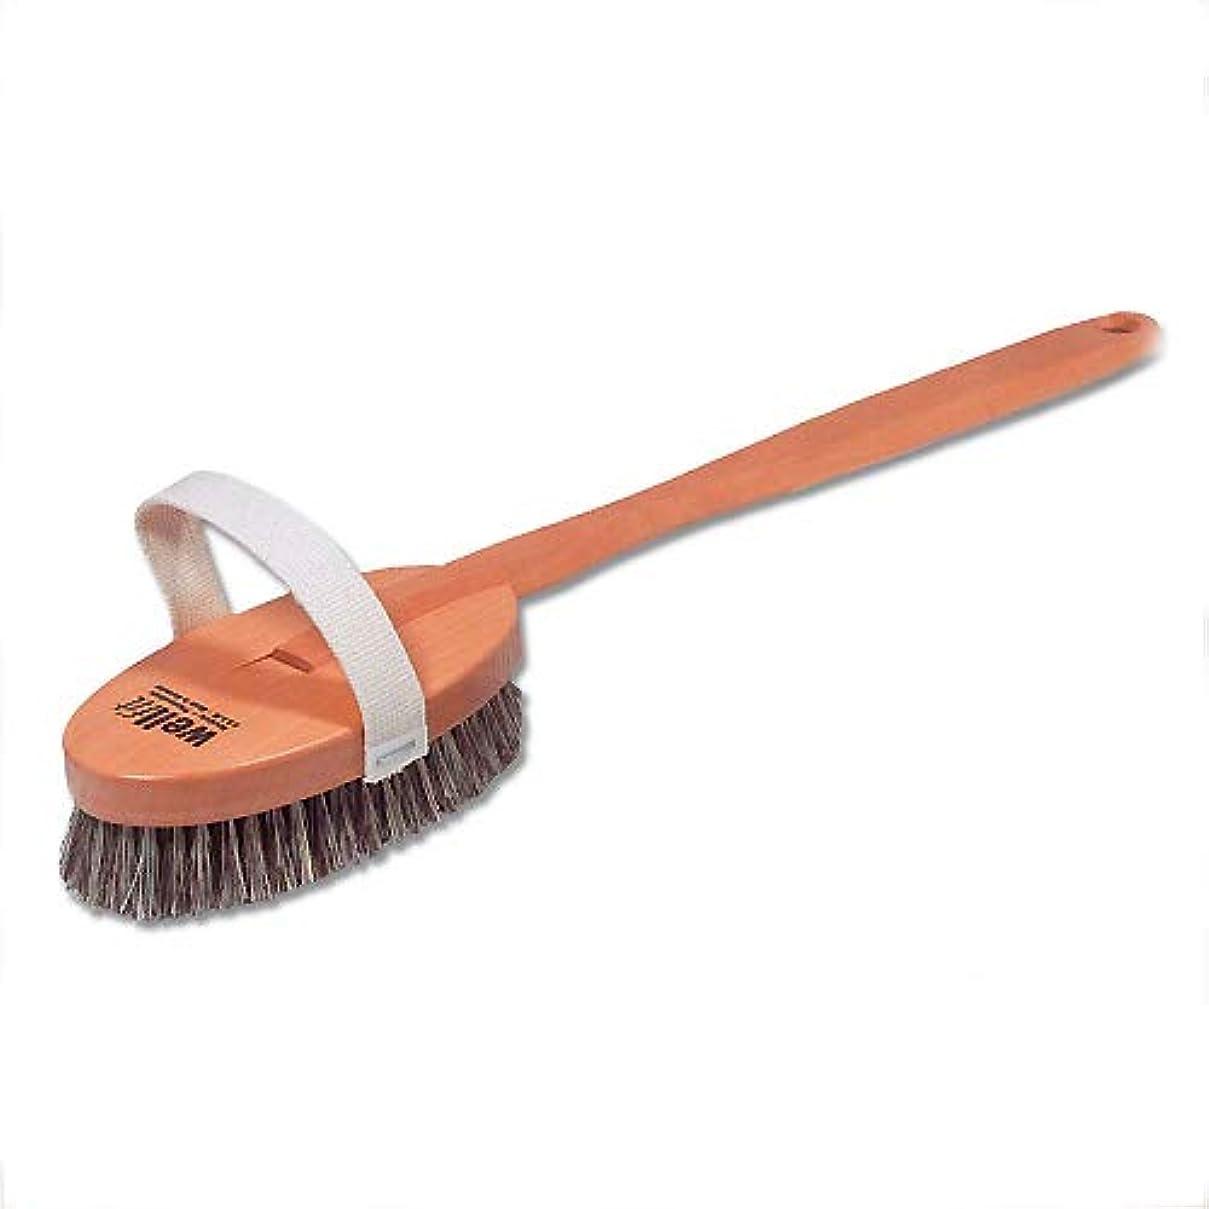 爵補償供給Redecker レデッカー ボディブラシ(ミディアムハード 馬毛と植物毛の混毛植毛) 正規品